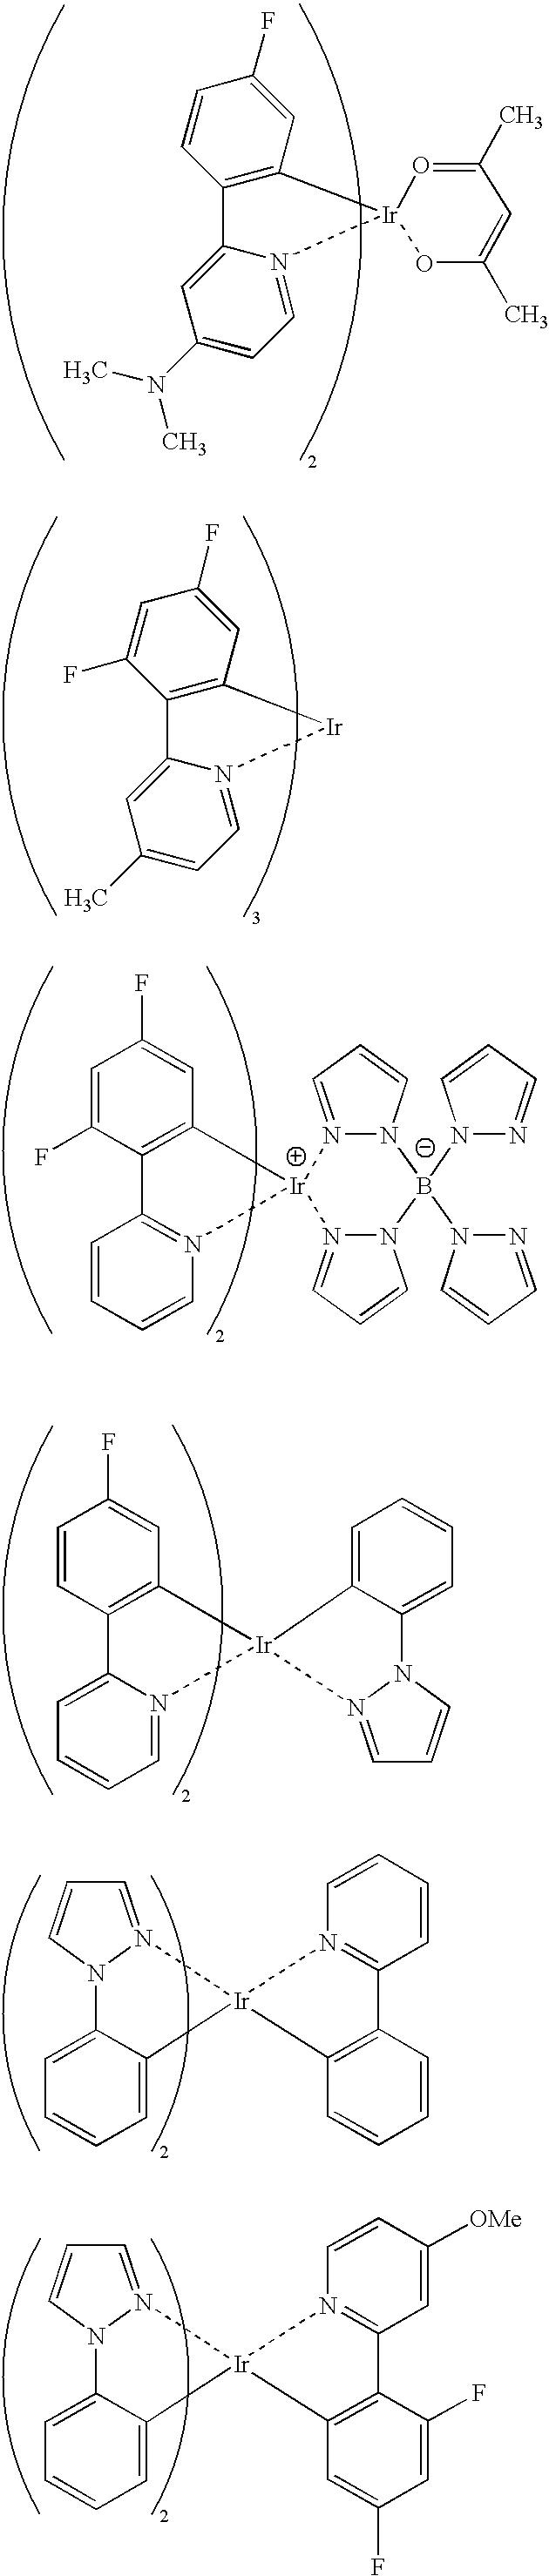 Figure US20070069638A1-20070329-C00002